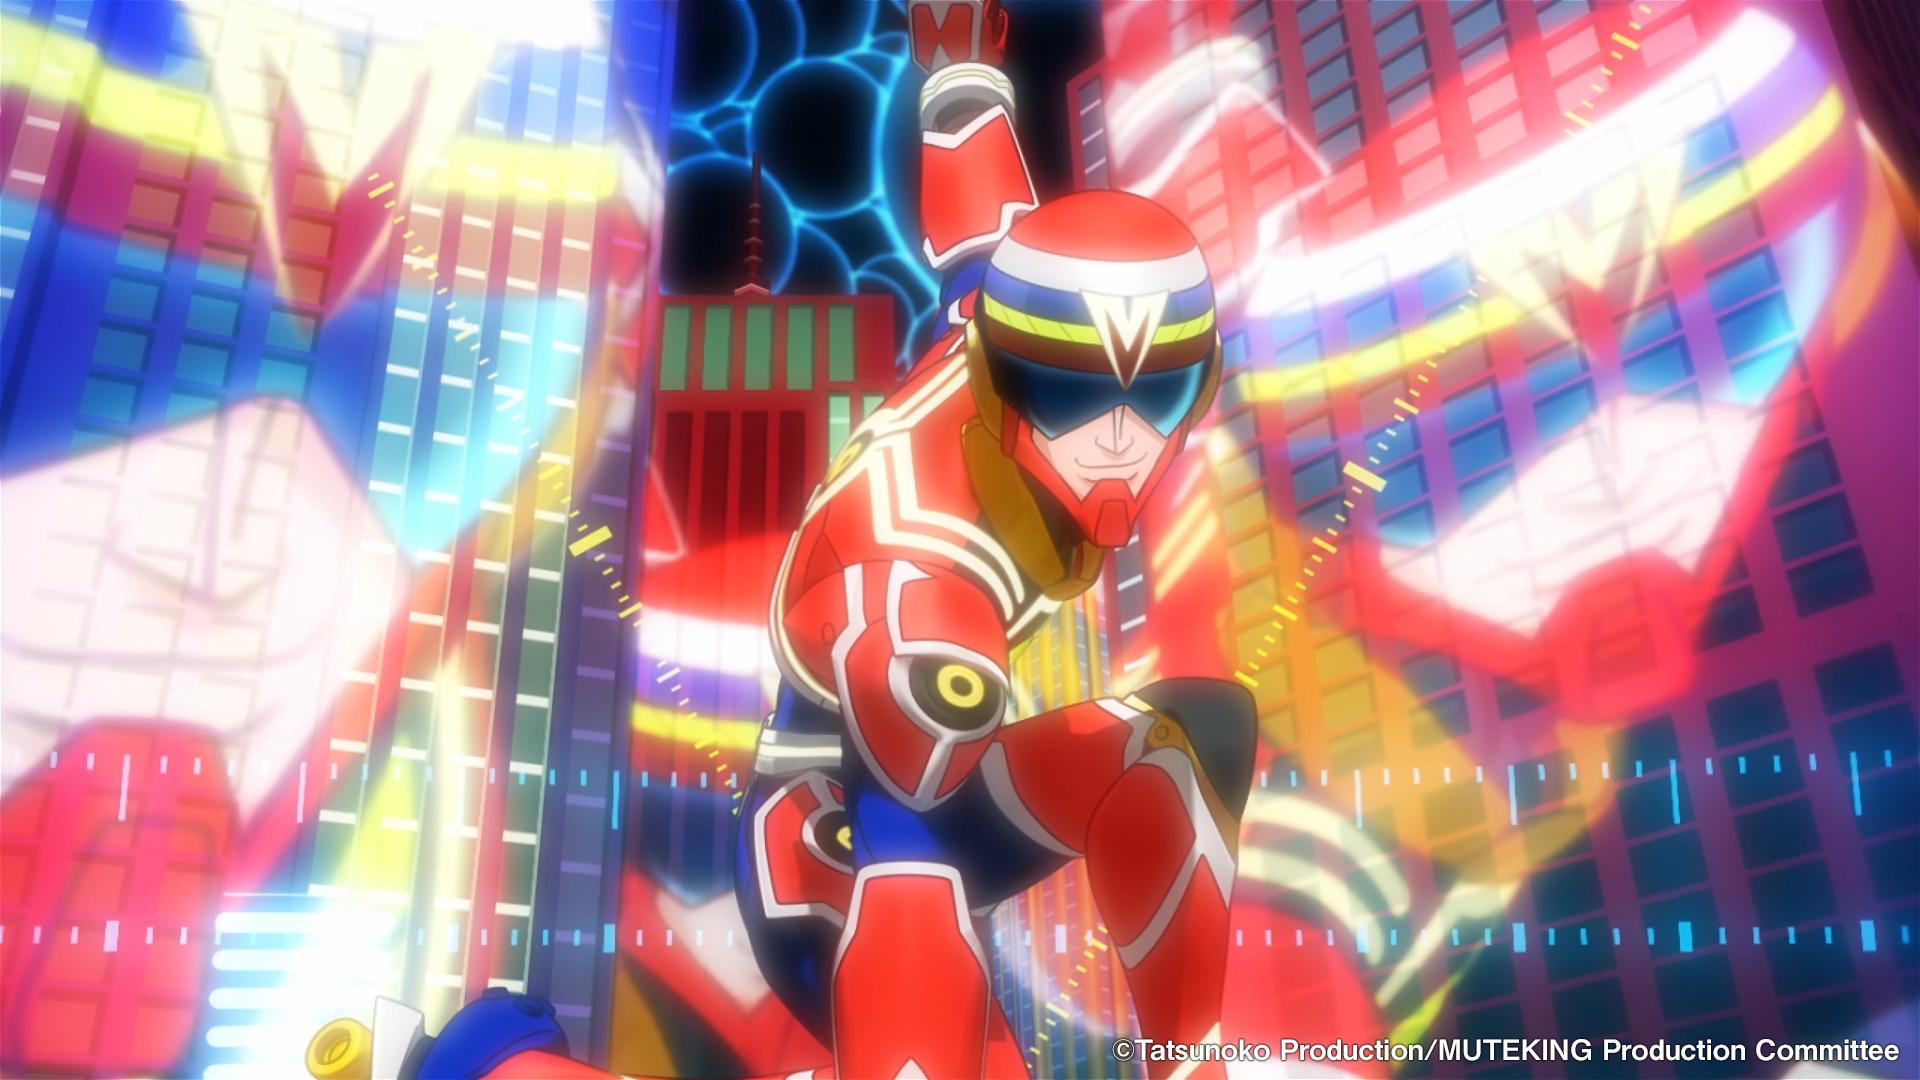 Una captura de pantalla del video de vista previa de la próxima serie televisiva MUTEKING THE Dancing HERO, con el personaje principal en una pose heroica frente a un paisaje urbano futurista.